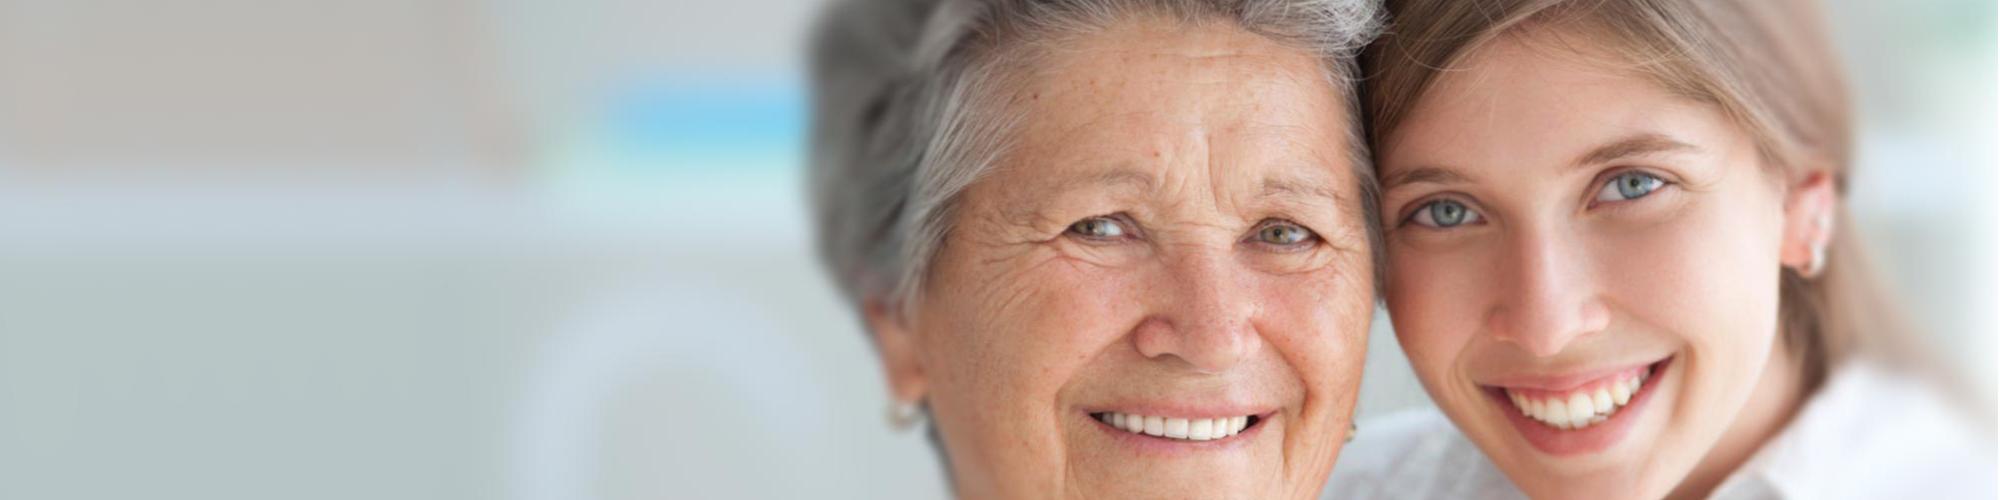 Домашний уют и <span>забота о пожилых</span>